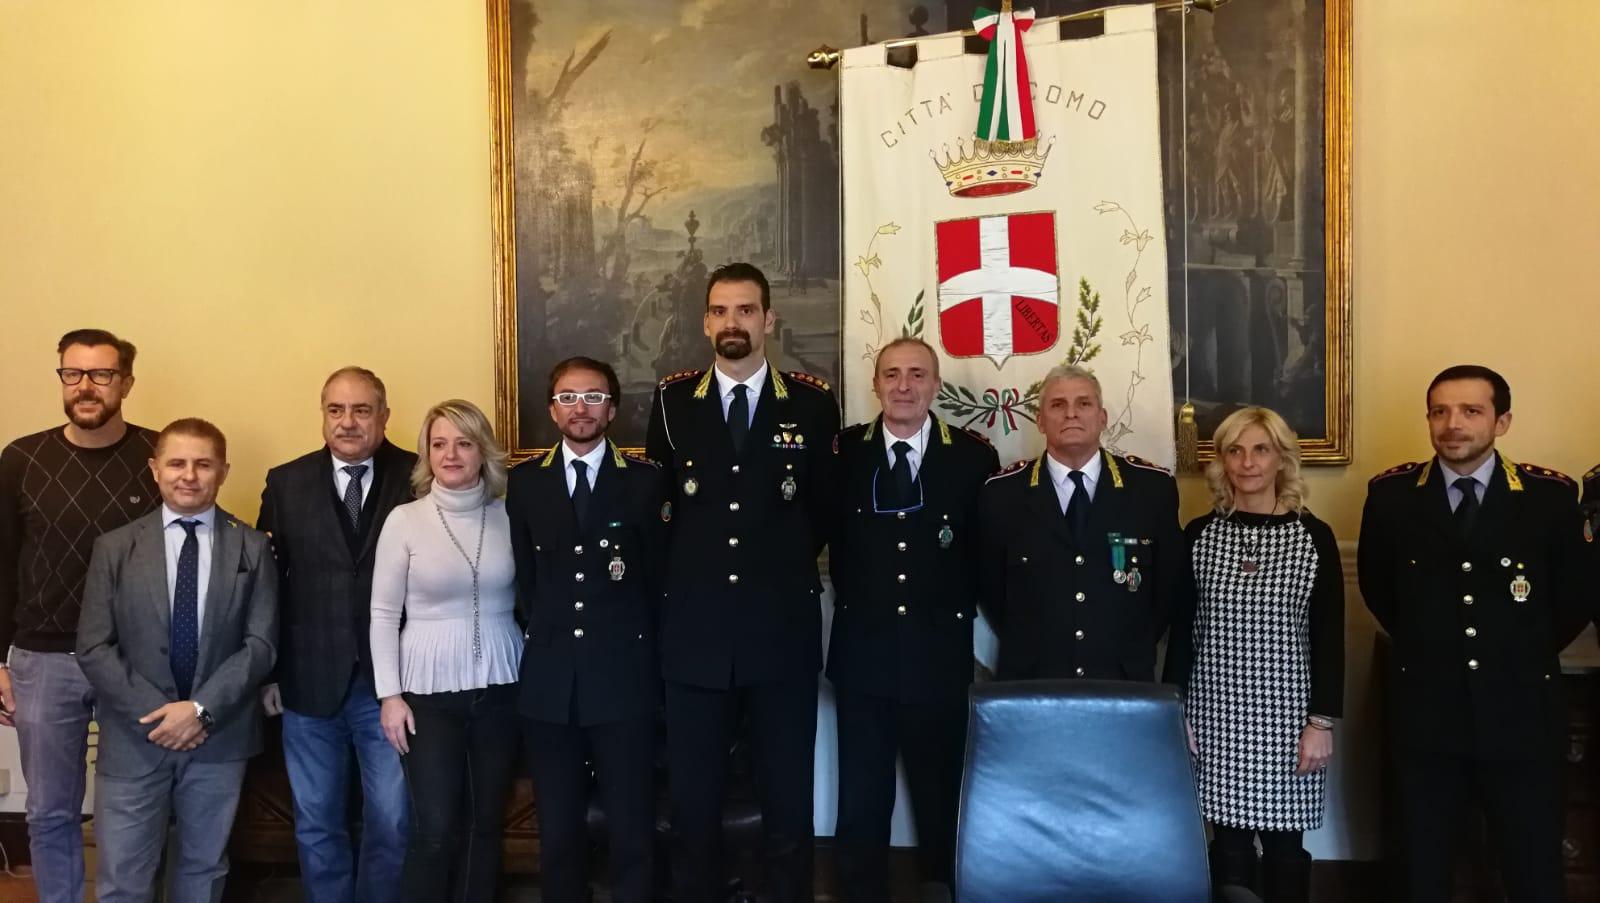 Como, Cantù, Erba e Mariano uniscono le forze della Polizia Locale: pronti 4 maxi servizi - Giornale di Como